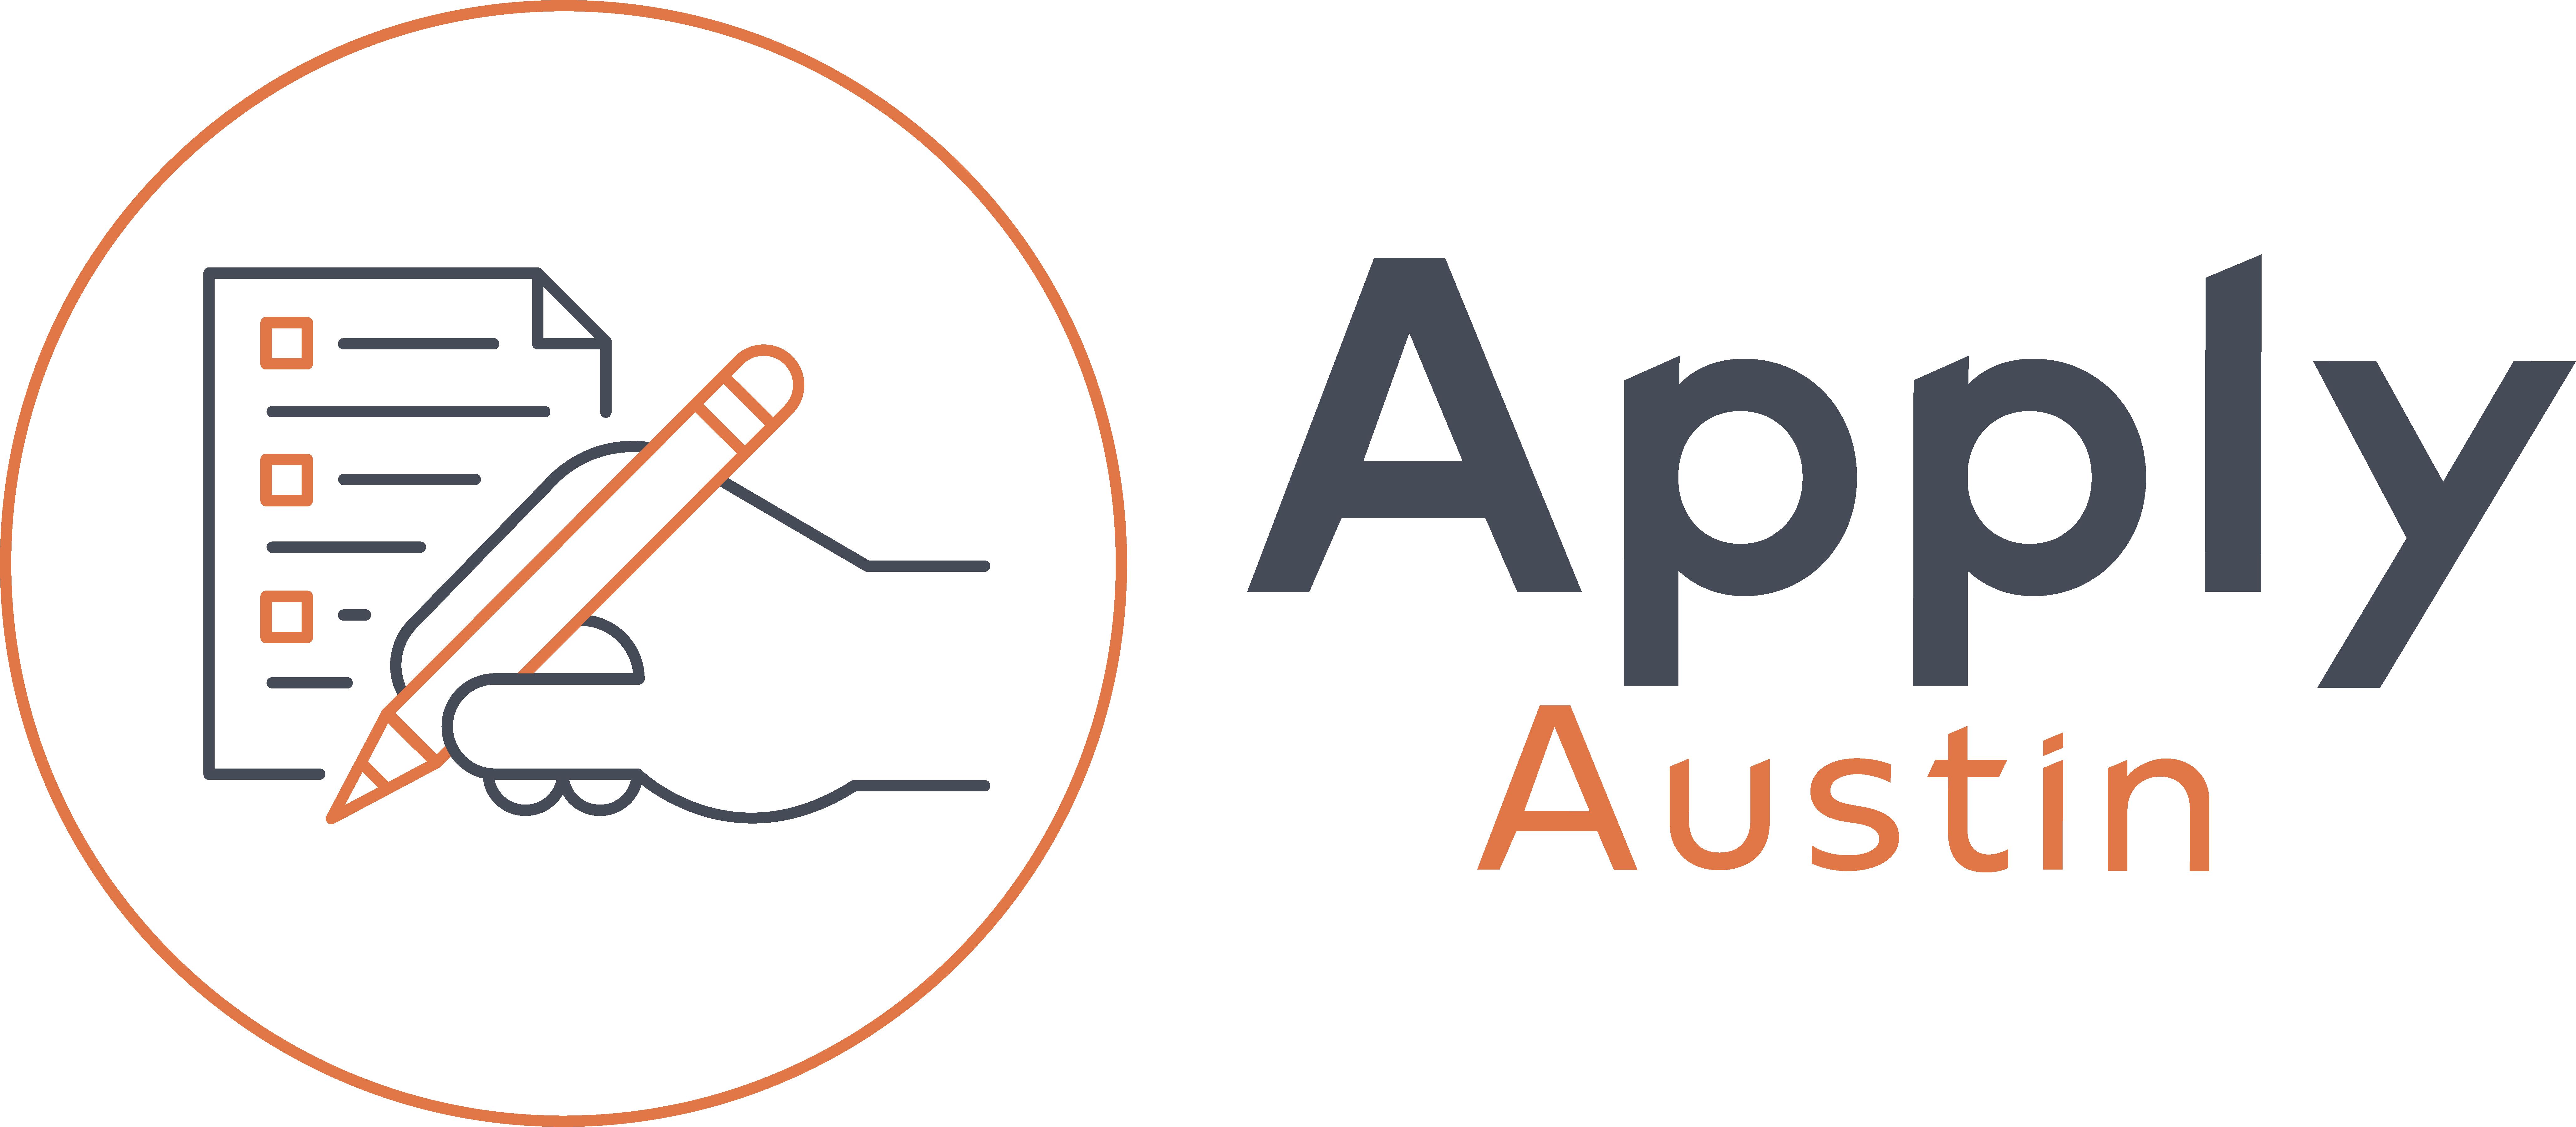 FE_Apply_Austin_Primary_Horizontal_Navy_Orange